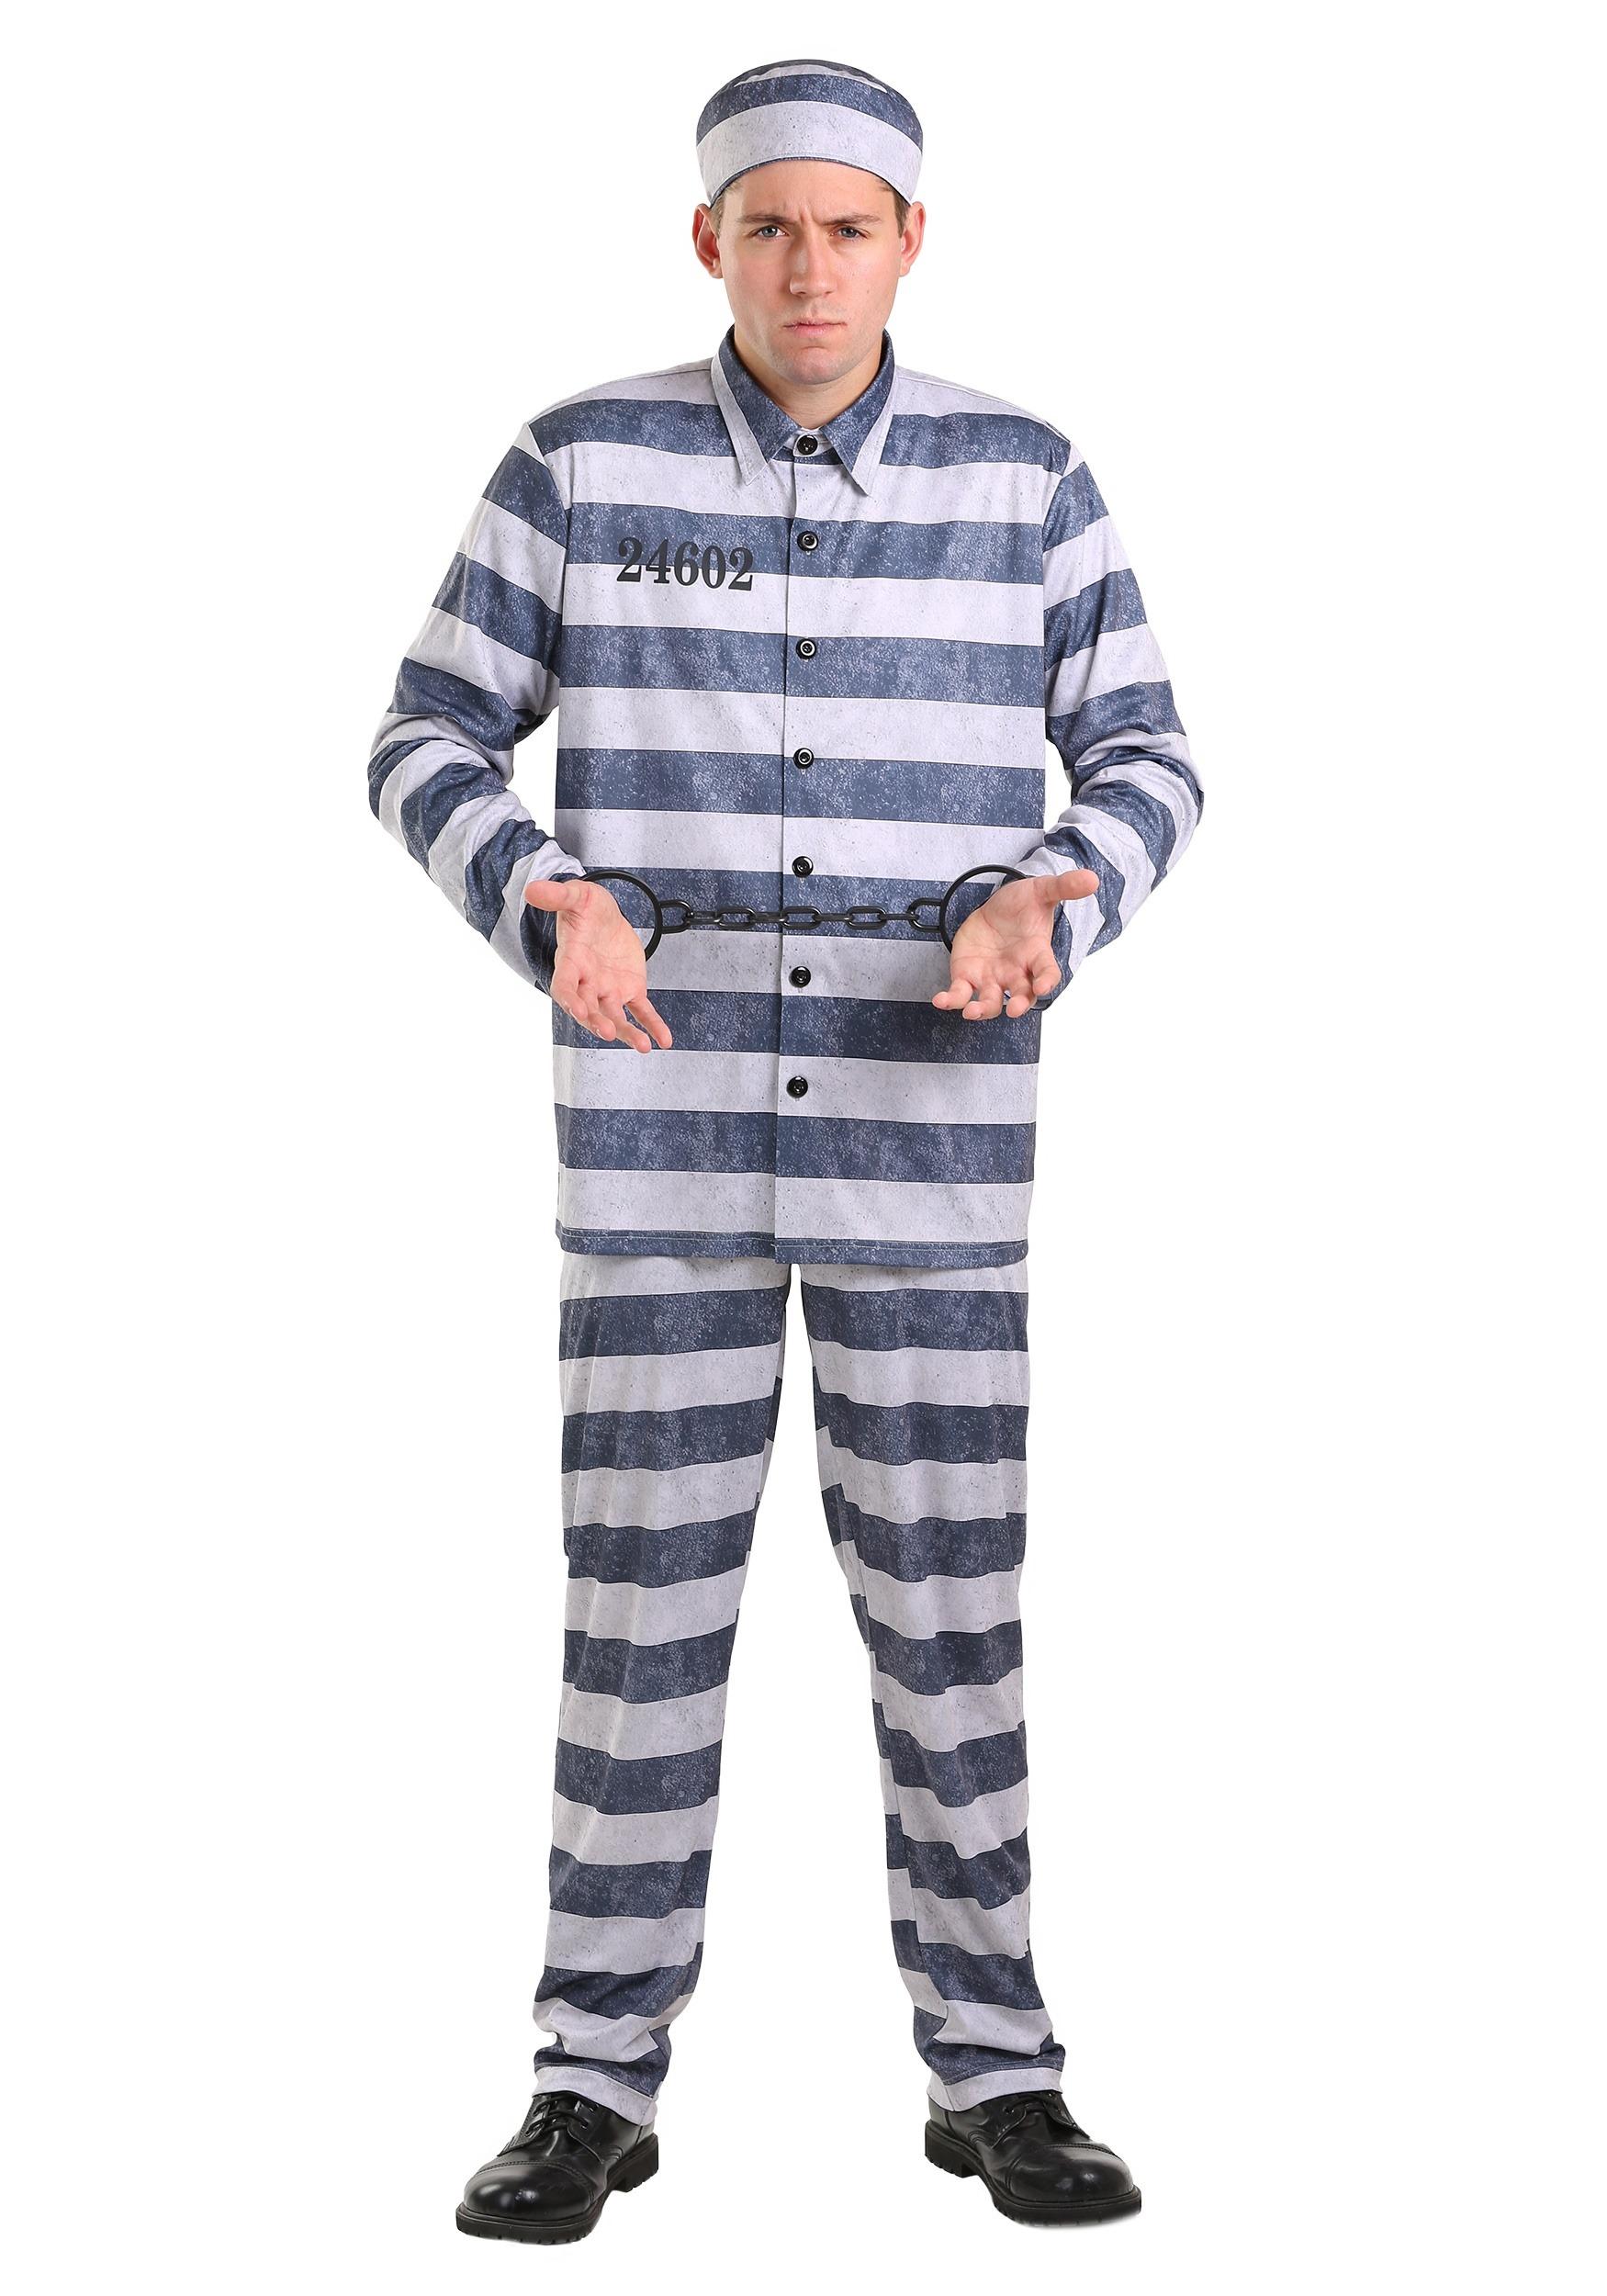 Plus Size Vintage Prisoner Costume for Men